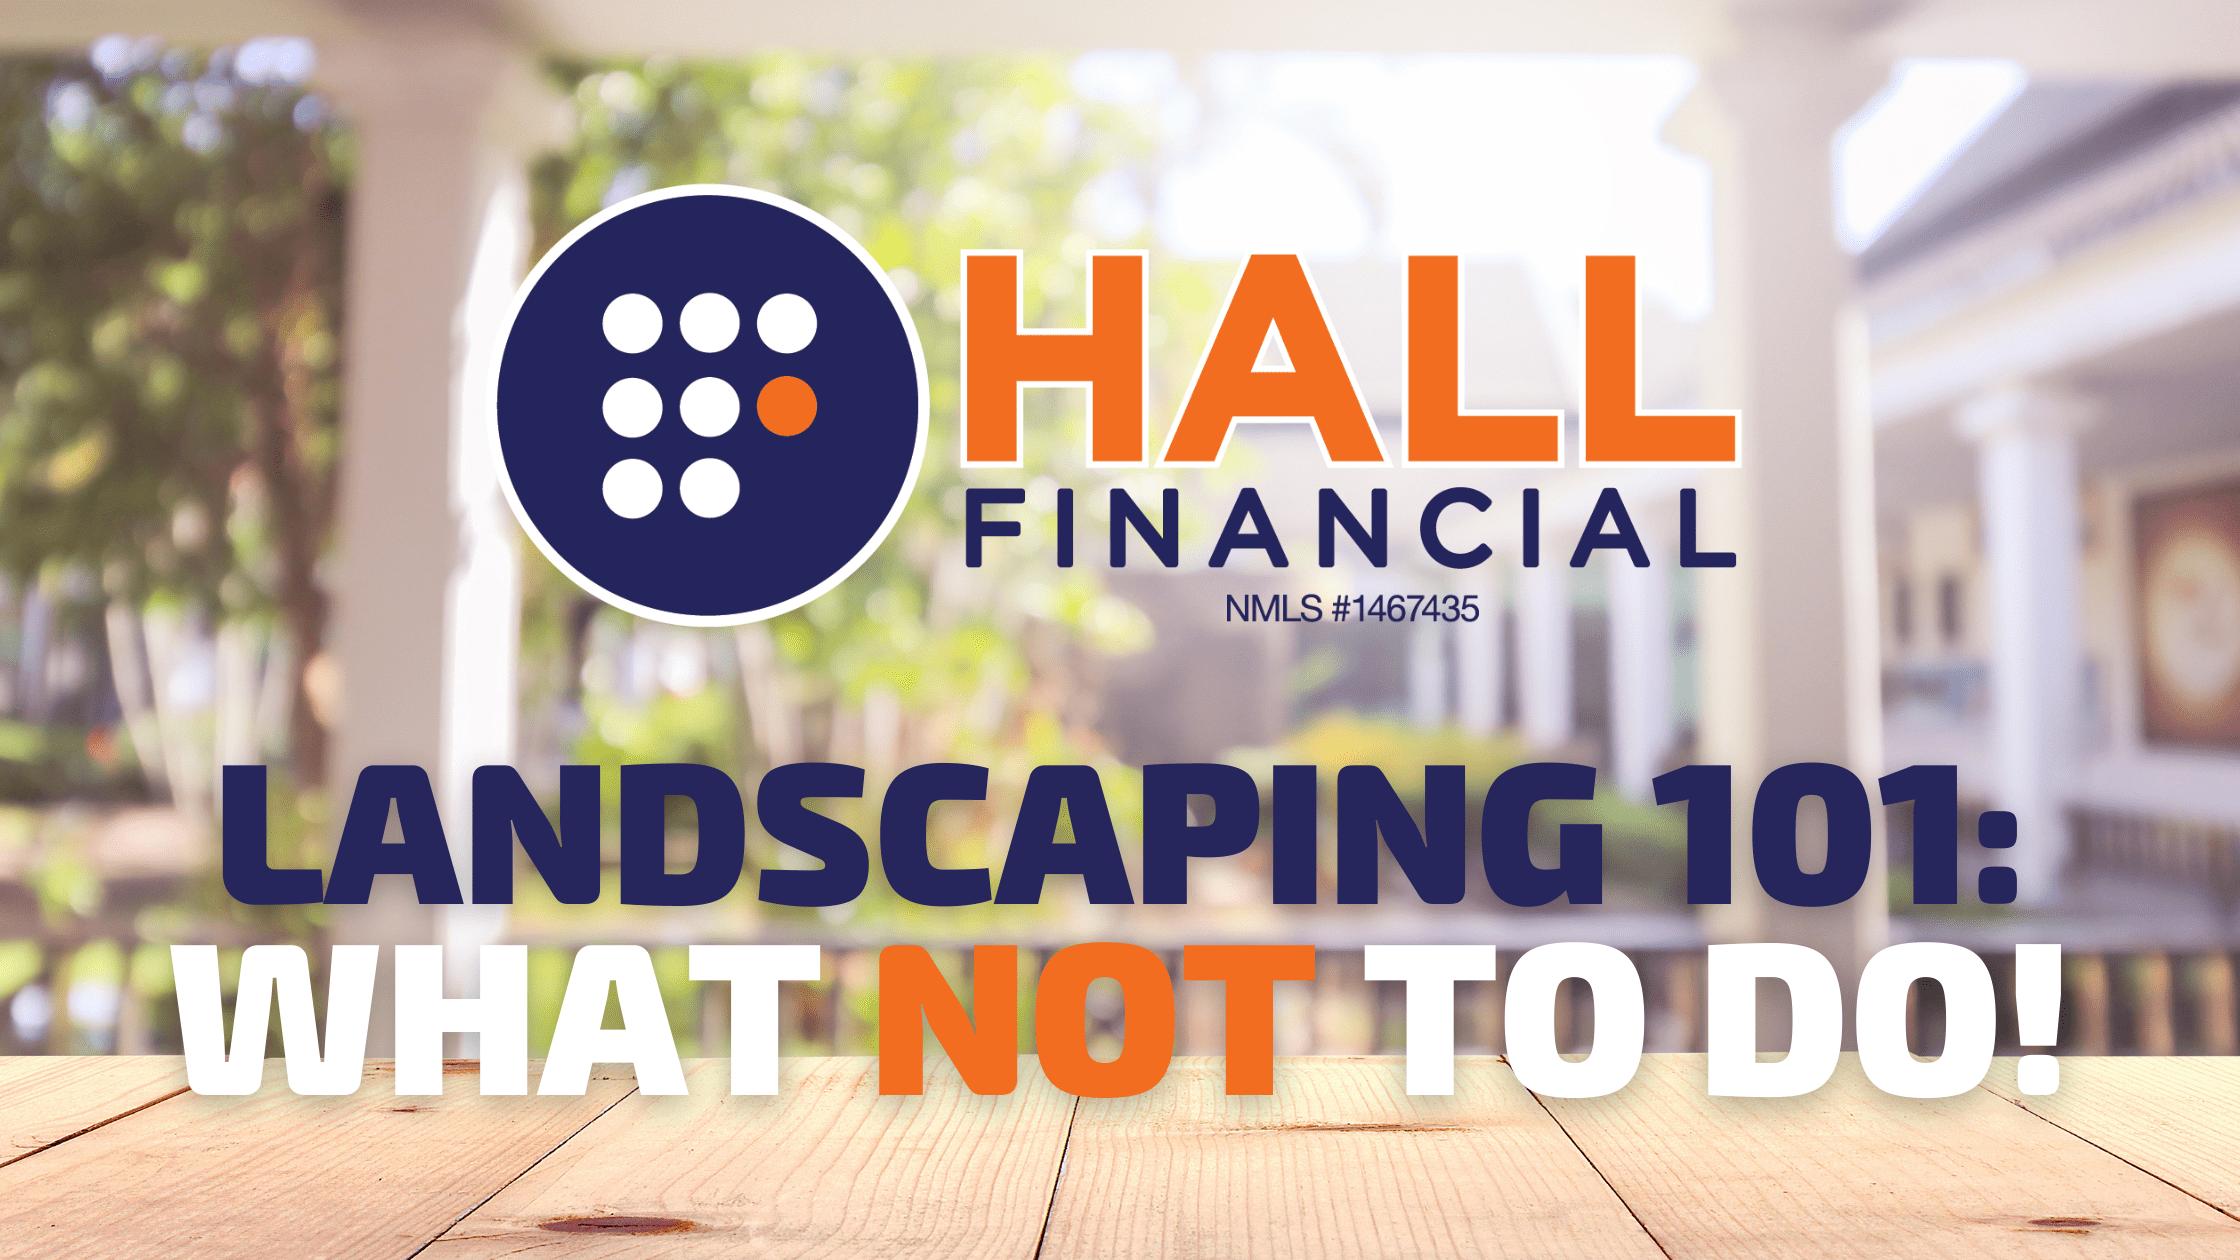 hall blog 4